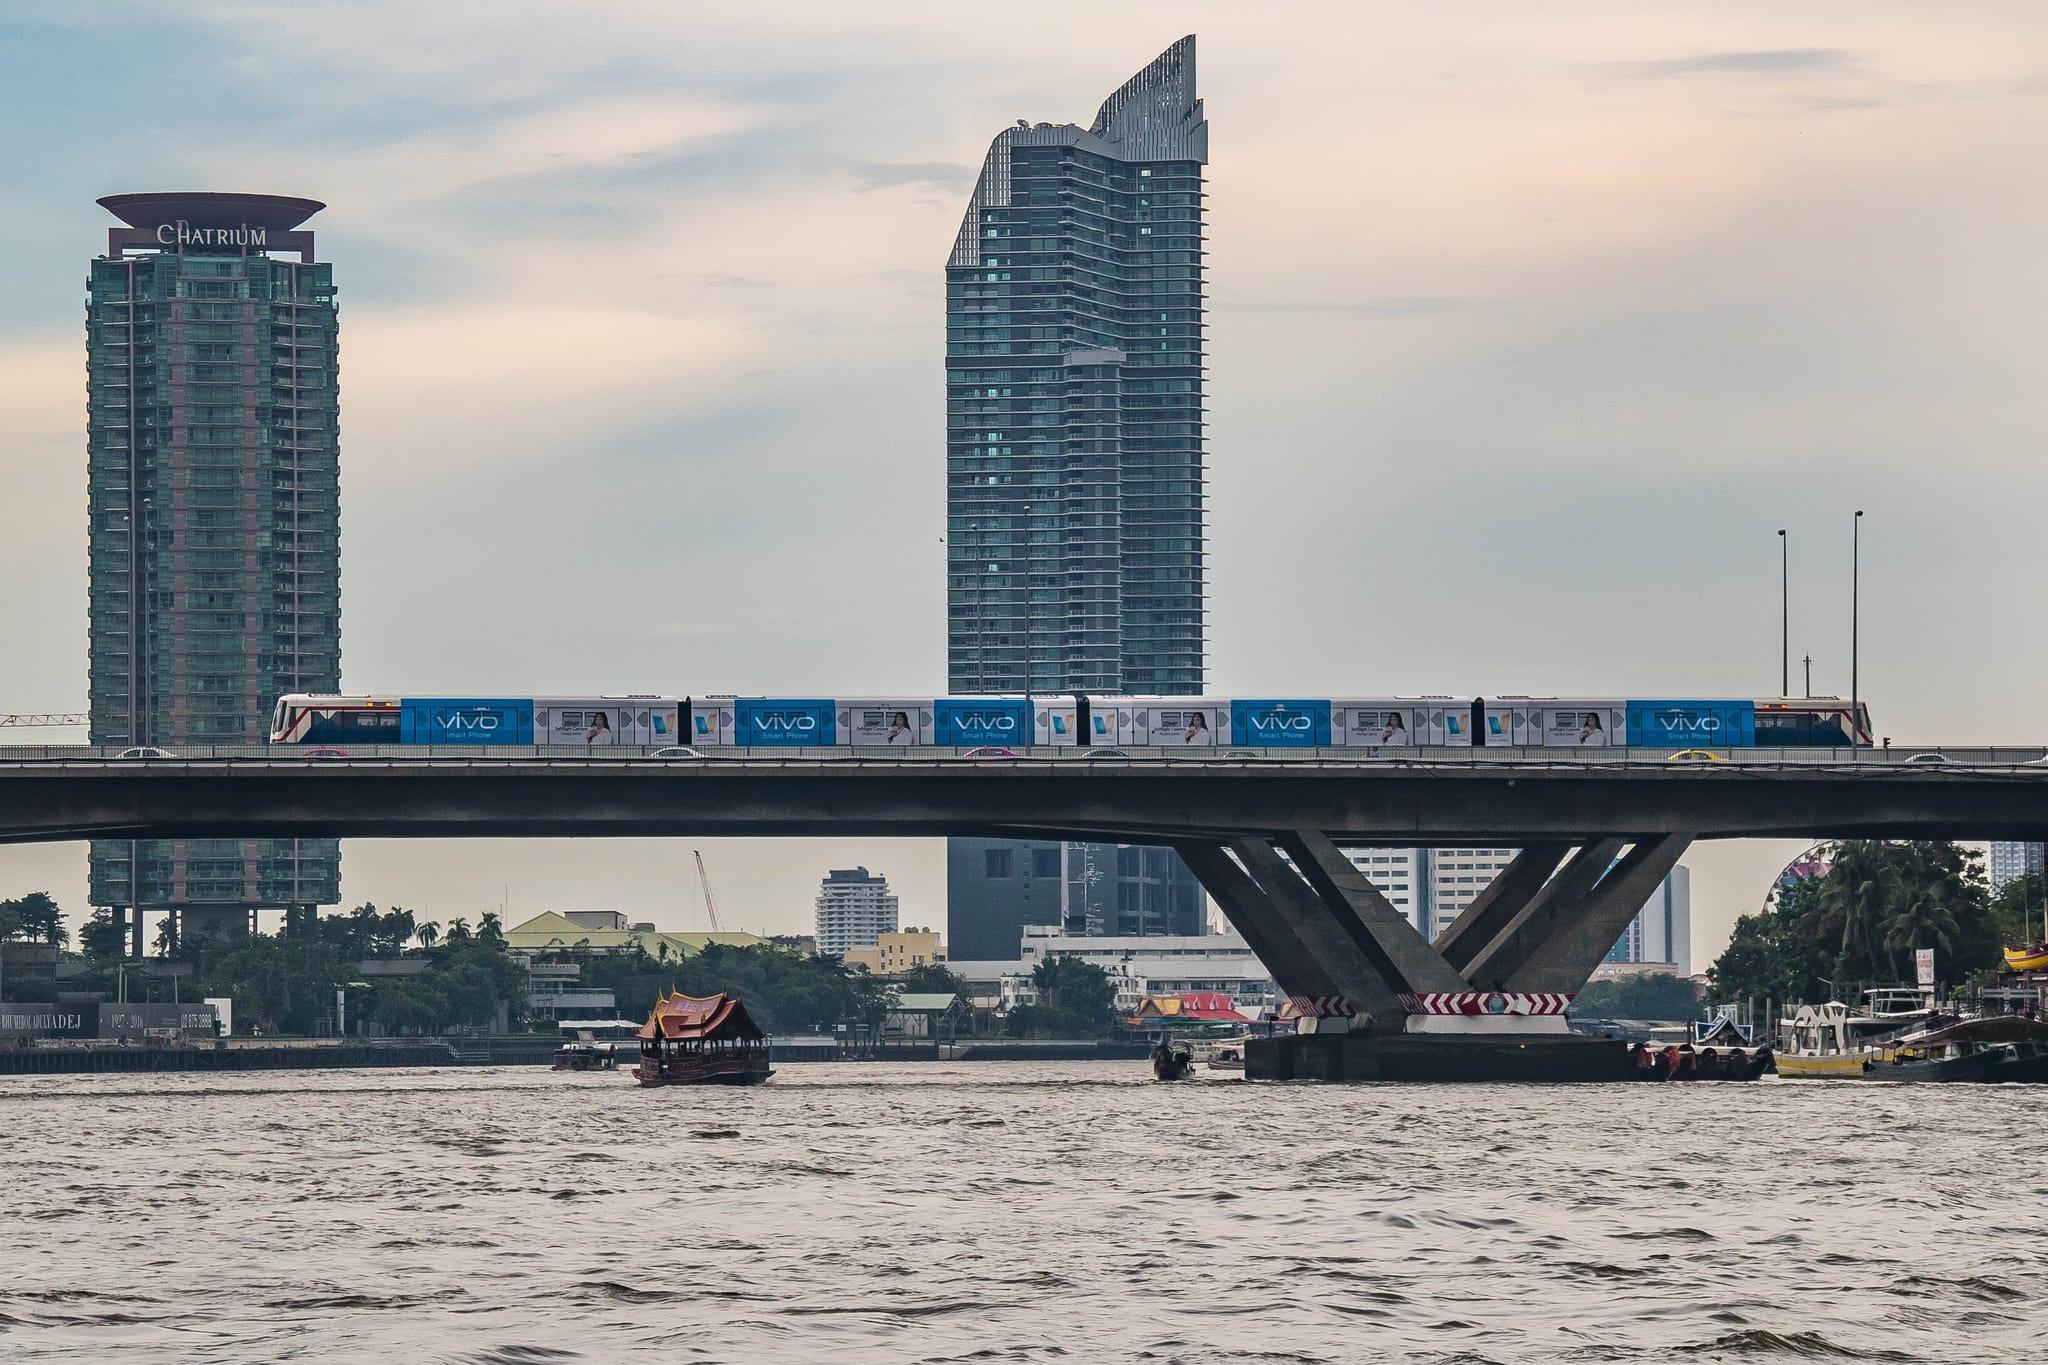 tàu điện BTS là một loại phương tiện công cộng ở thái lan